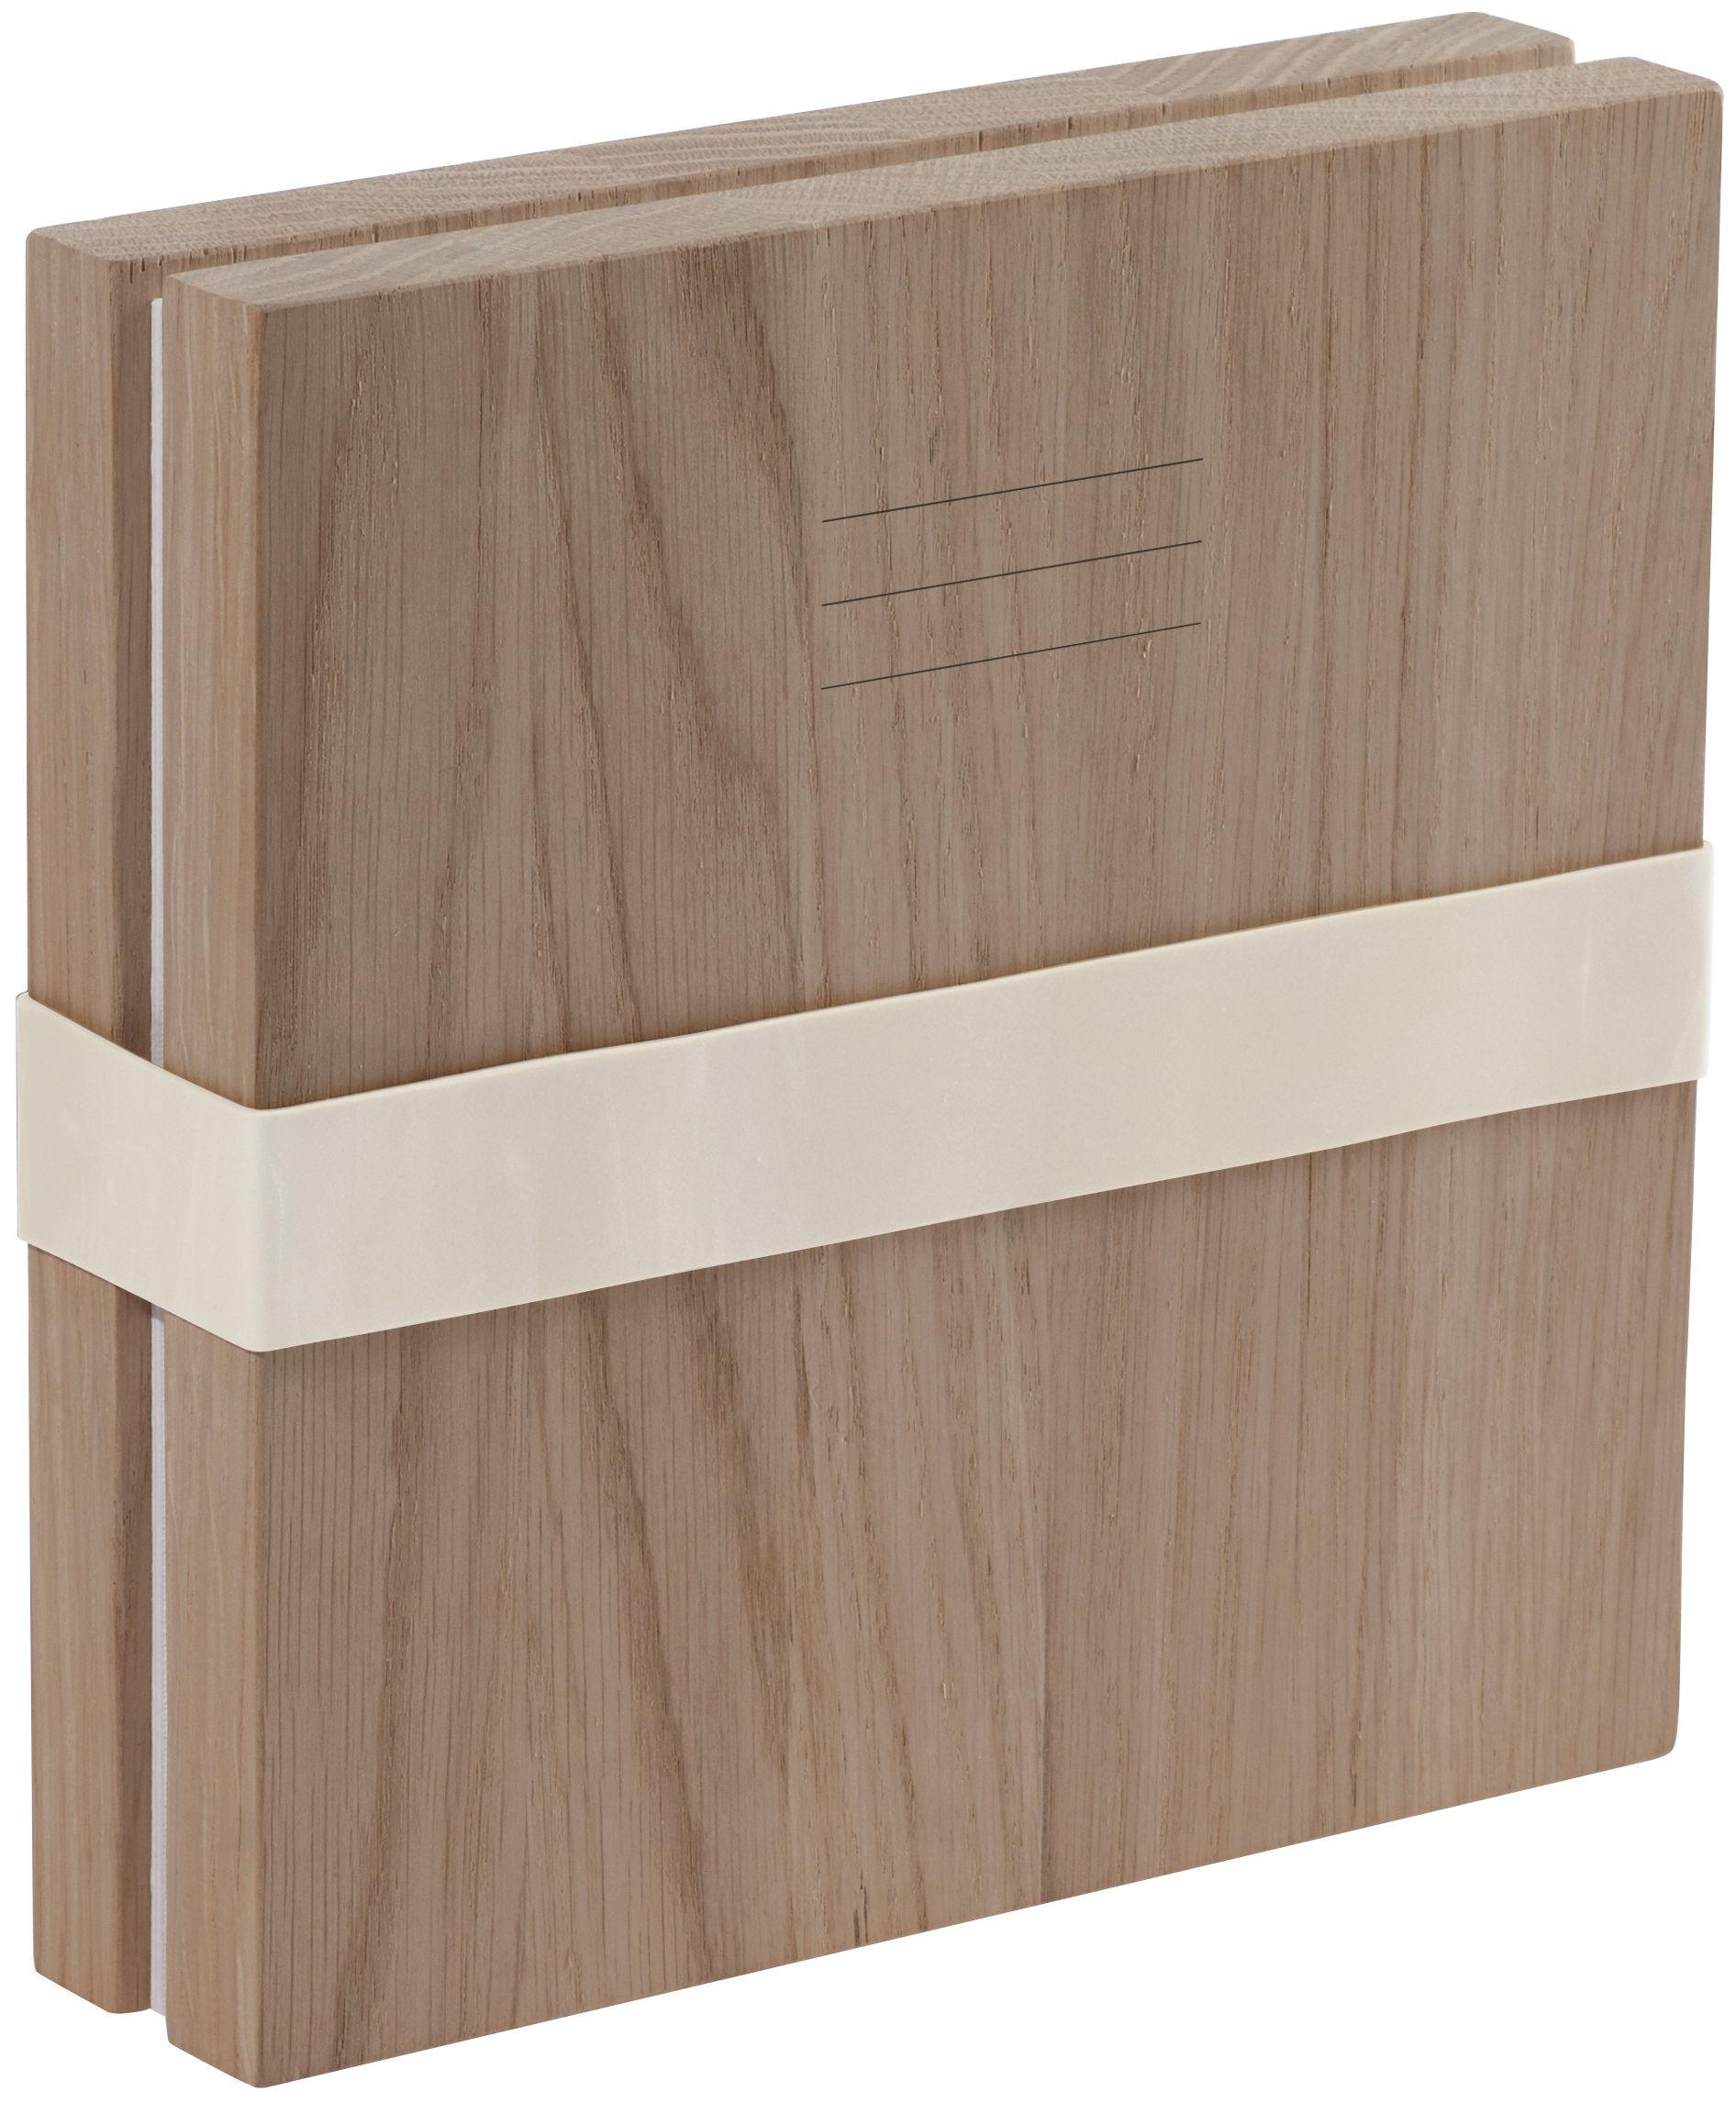 Decoration - Home Accessories - Portfolio Picture album by L'atelier d'exercices - Solid oak / White - Paper, Solid oak